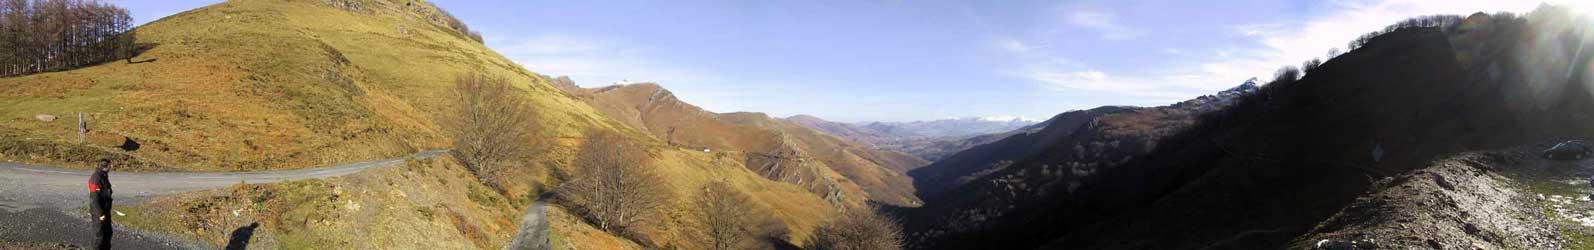 Berglandschap in herfstkleuren, met sneeuw op de achtergrond